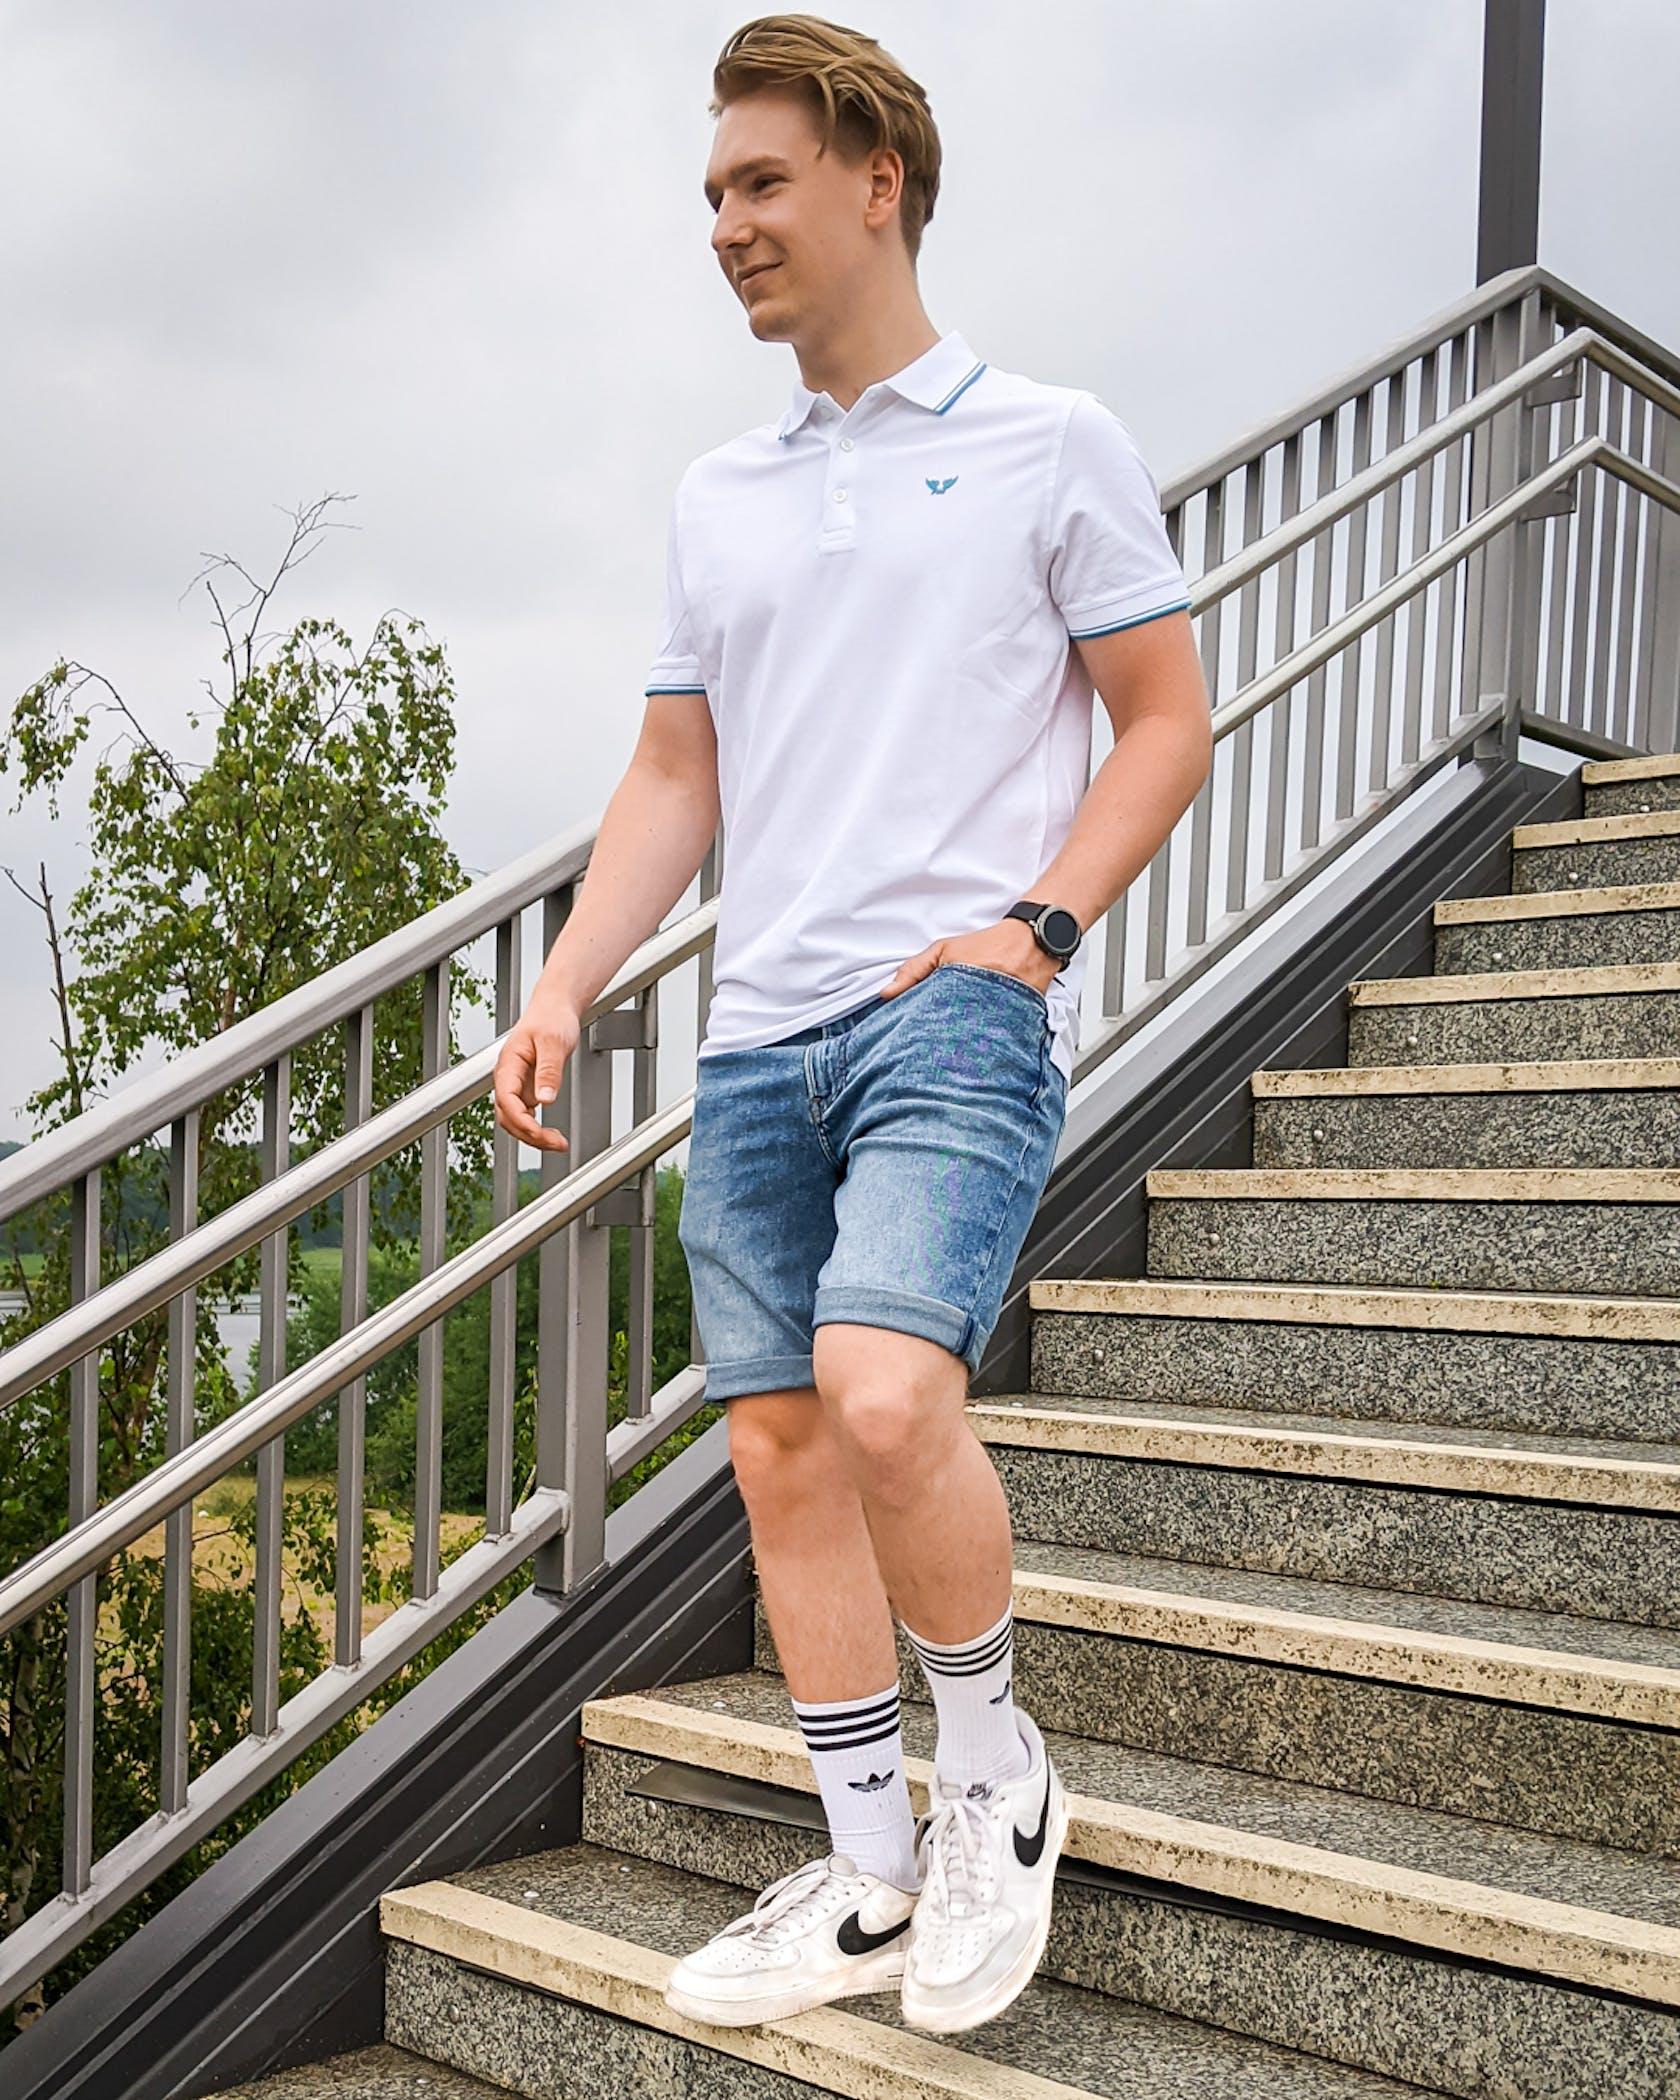 junger Mann trägt ein poloshirt und Jeansshorts und läuft eine Treppe herunter